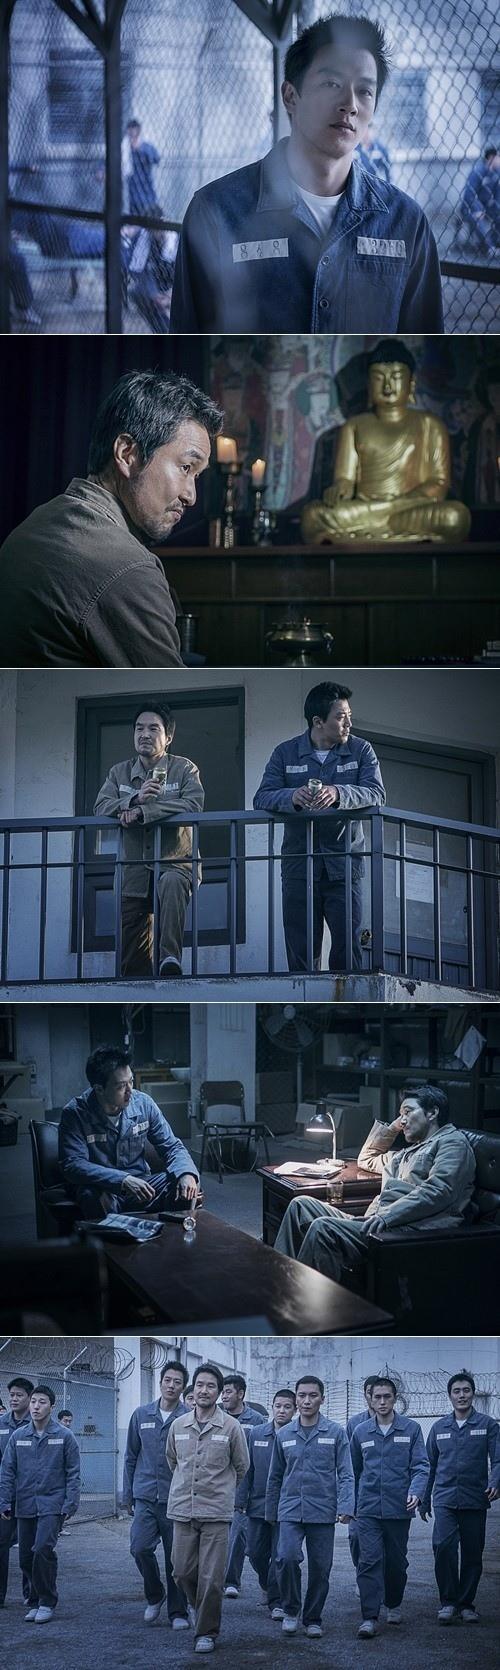 電影《監獄》新劇照發布 金來沅韓石圭上演無間道